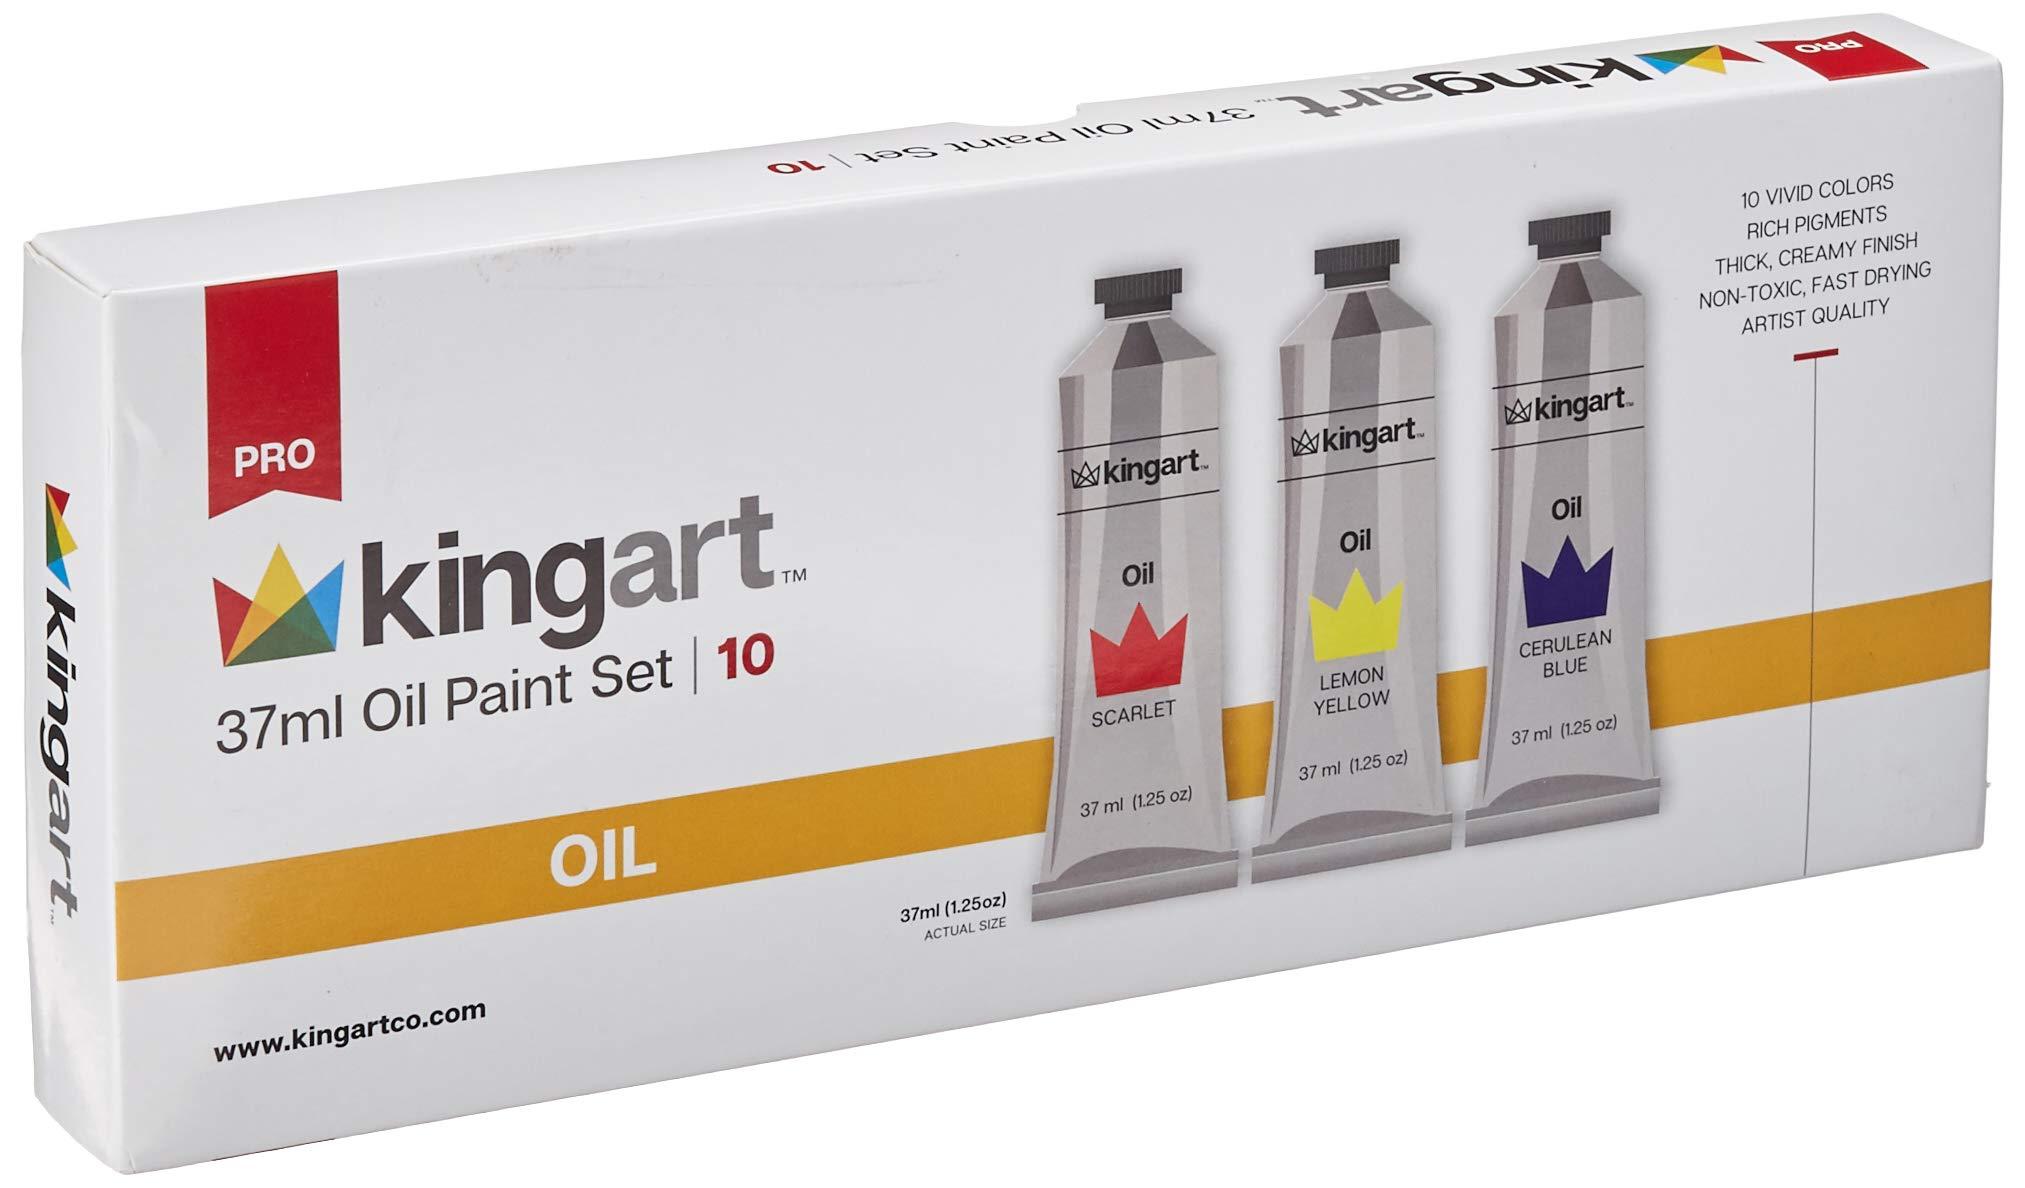 KINGART Oil Paint, 37ml Tubes, Set of 10 Unique Colors, Professional Paint, Metal Tubes